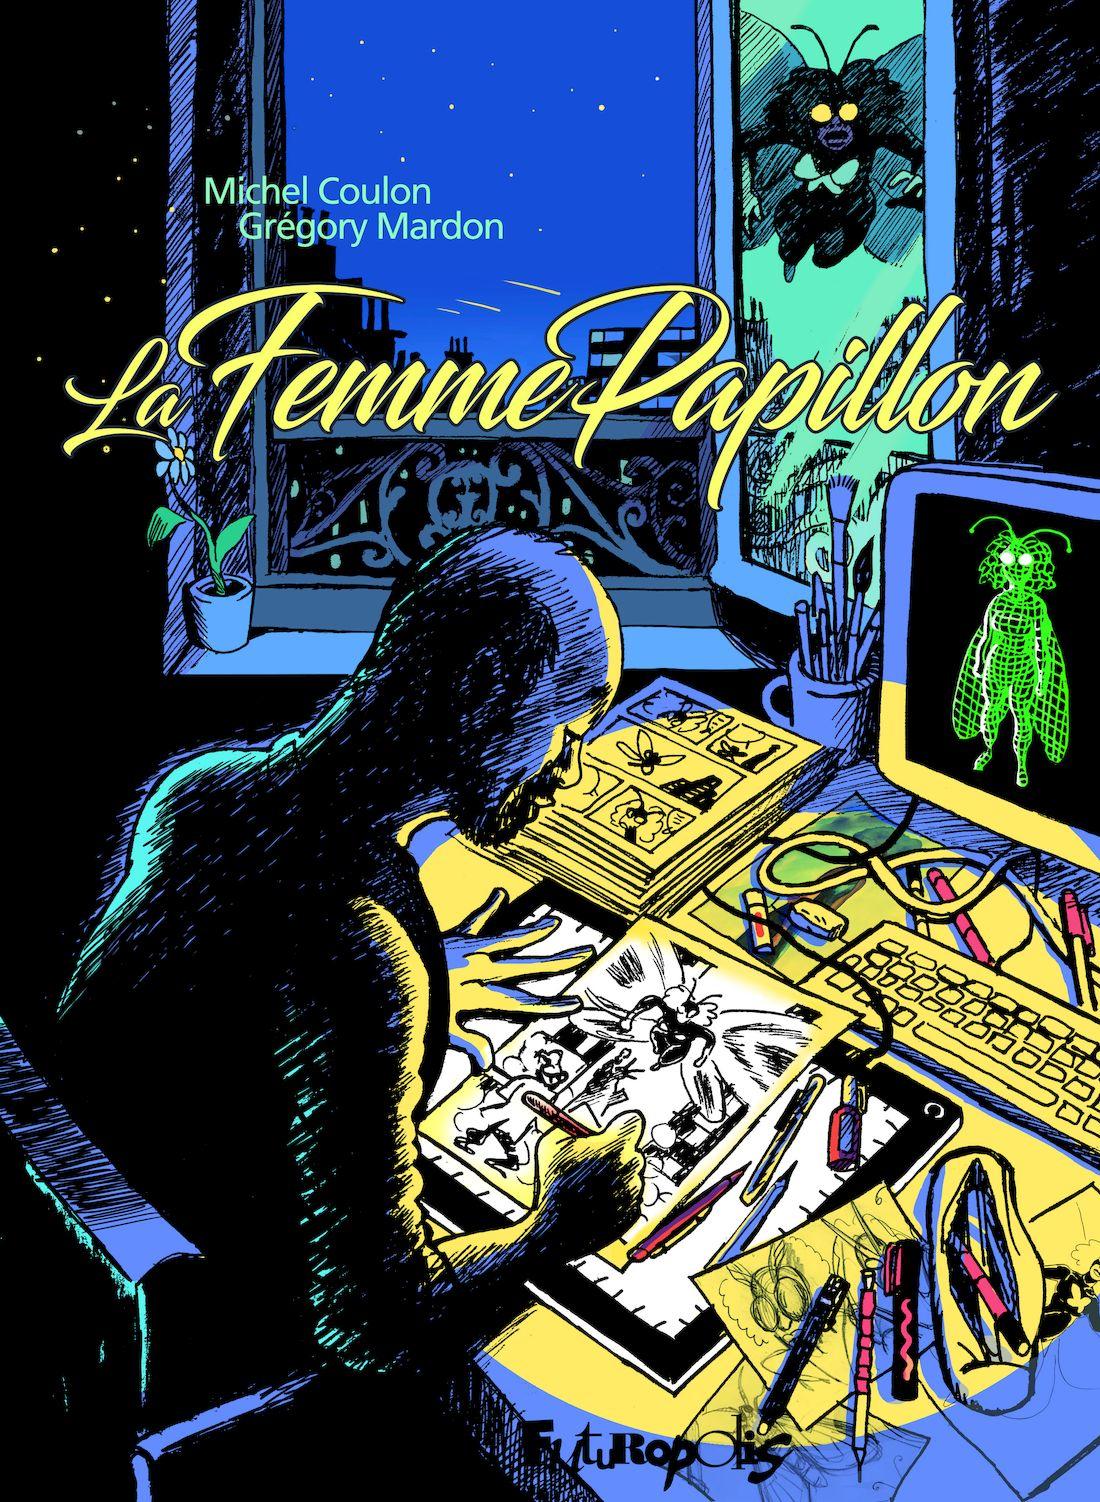 30 ans d'édition, par Sébastien Gnaedig, Chapitre 17 : Tohu Bohu. La Femme Papillon